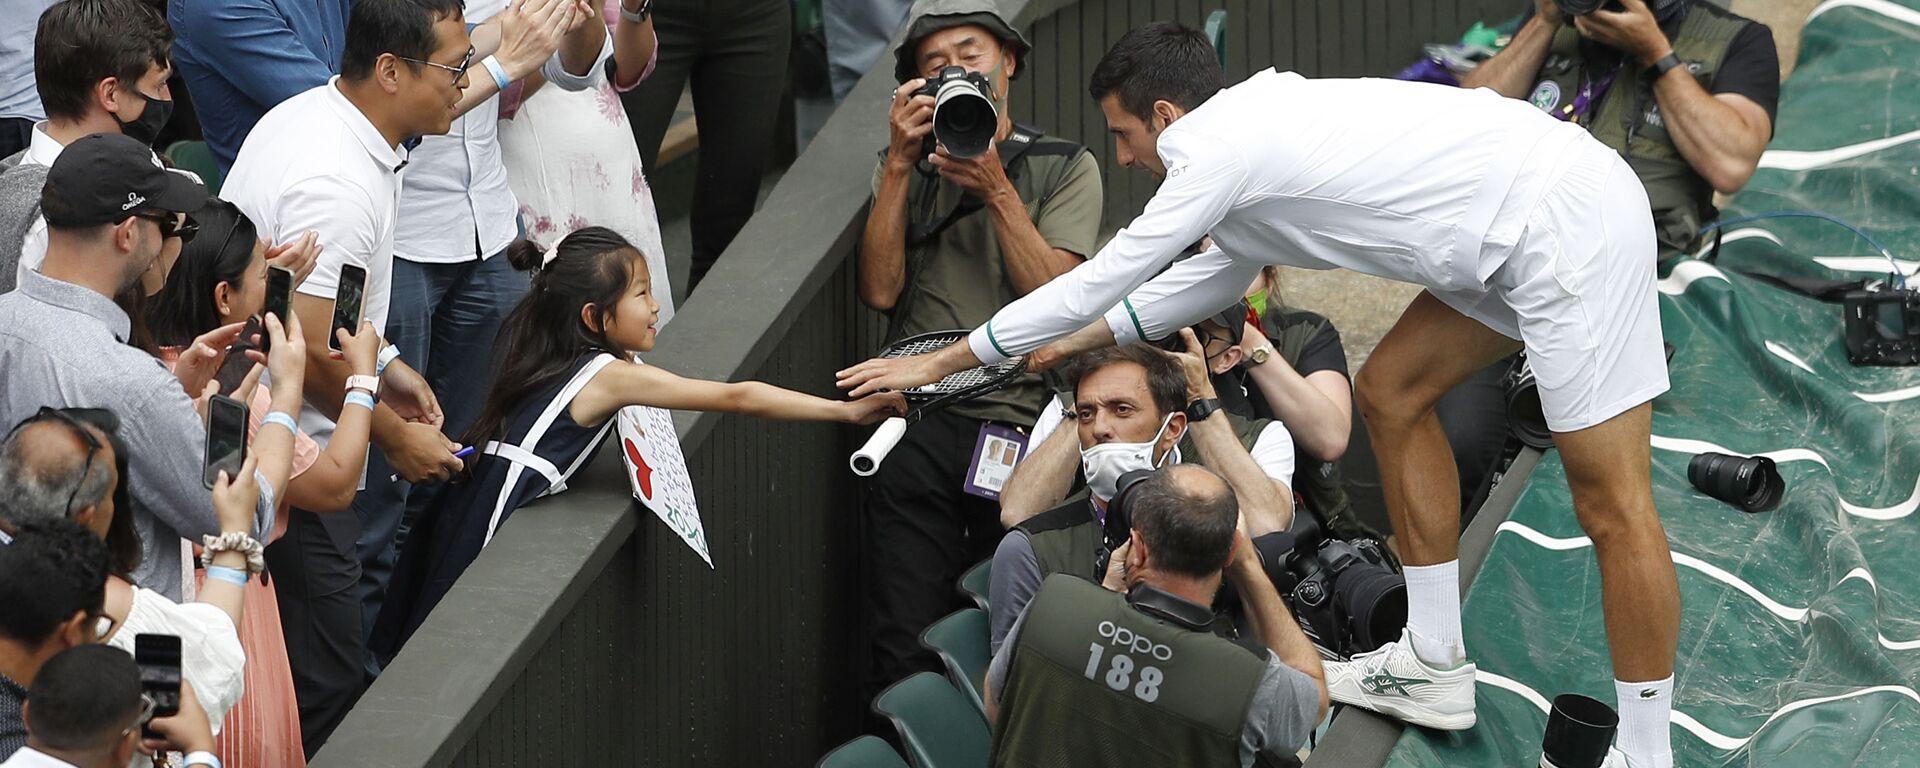 Новак Ђоковић поклања рекет девојчици која је навијала за њега у финалу Вимблдона - Sputnik Србија, 1920, 11.07.2021